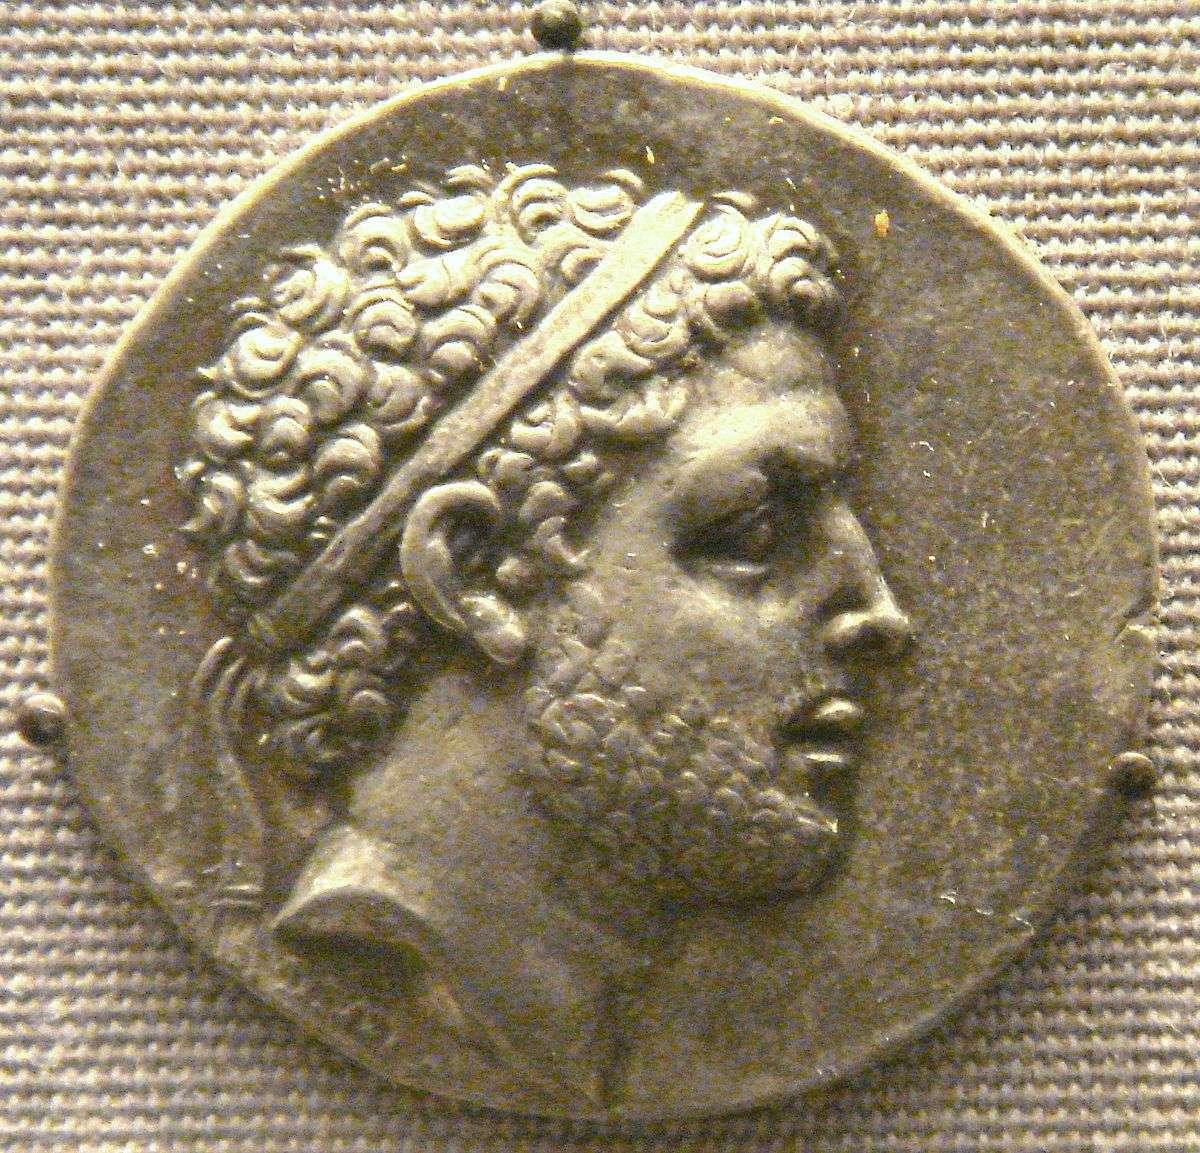 Ο Περσέας (212 – 162 π.Χ.) ήταν ο τελευταίος βασιλιάς της Μακεδονίας, μέλος της Δυναστείας των Αντιγονιδών. Πατέρας του ήταν ο Φίλιππος Ε' και μητέρα του η Πολυκράτεια από το Άργος.